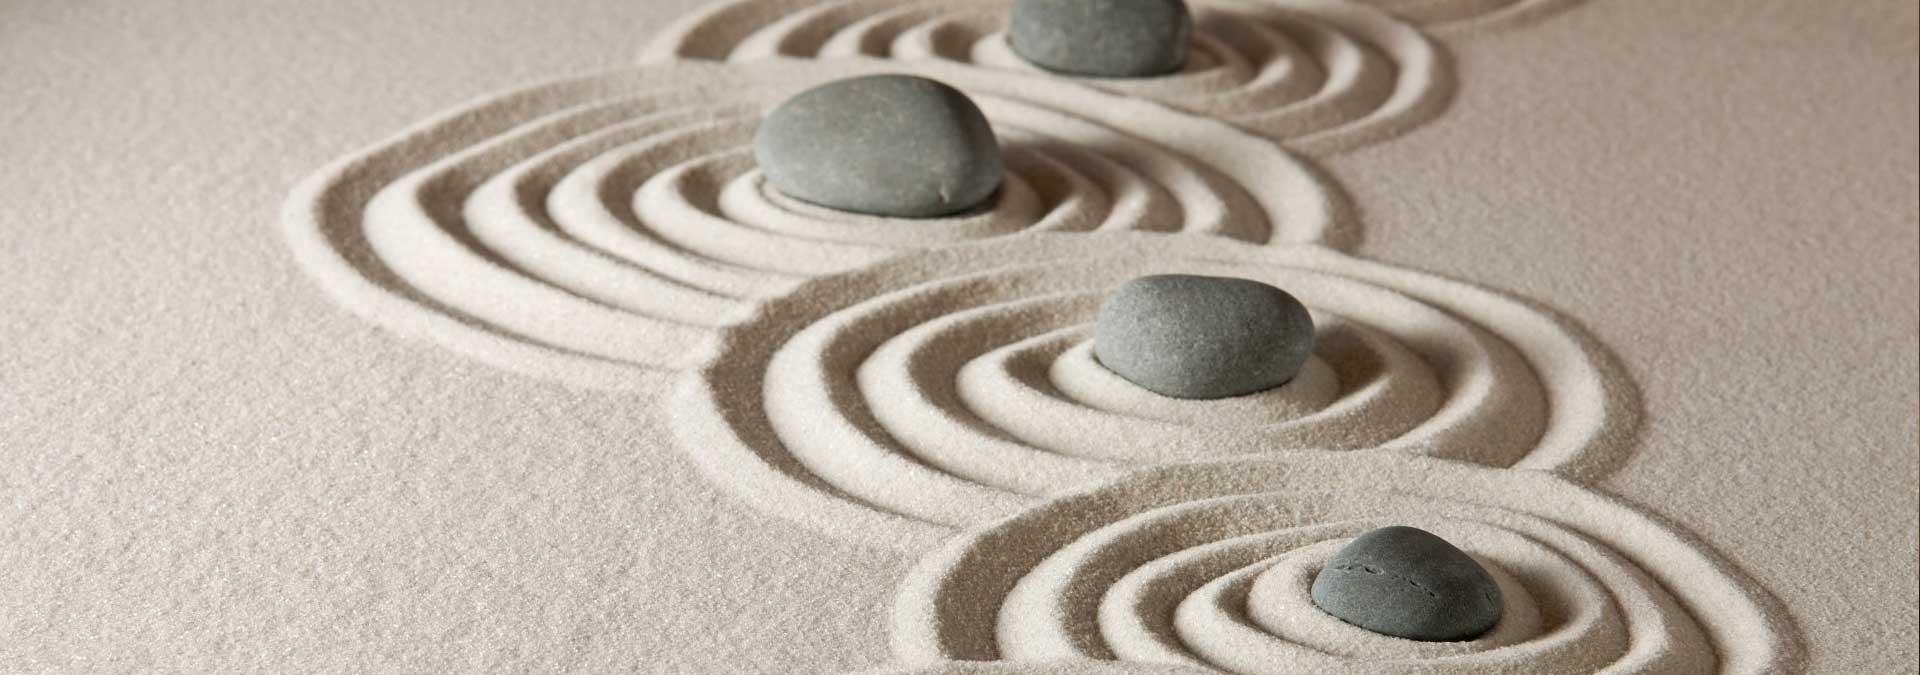 Wat is een goede spirituele leraar? De mooiste quotes vol met wijsheden van ingspire.nl